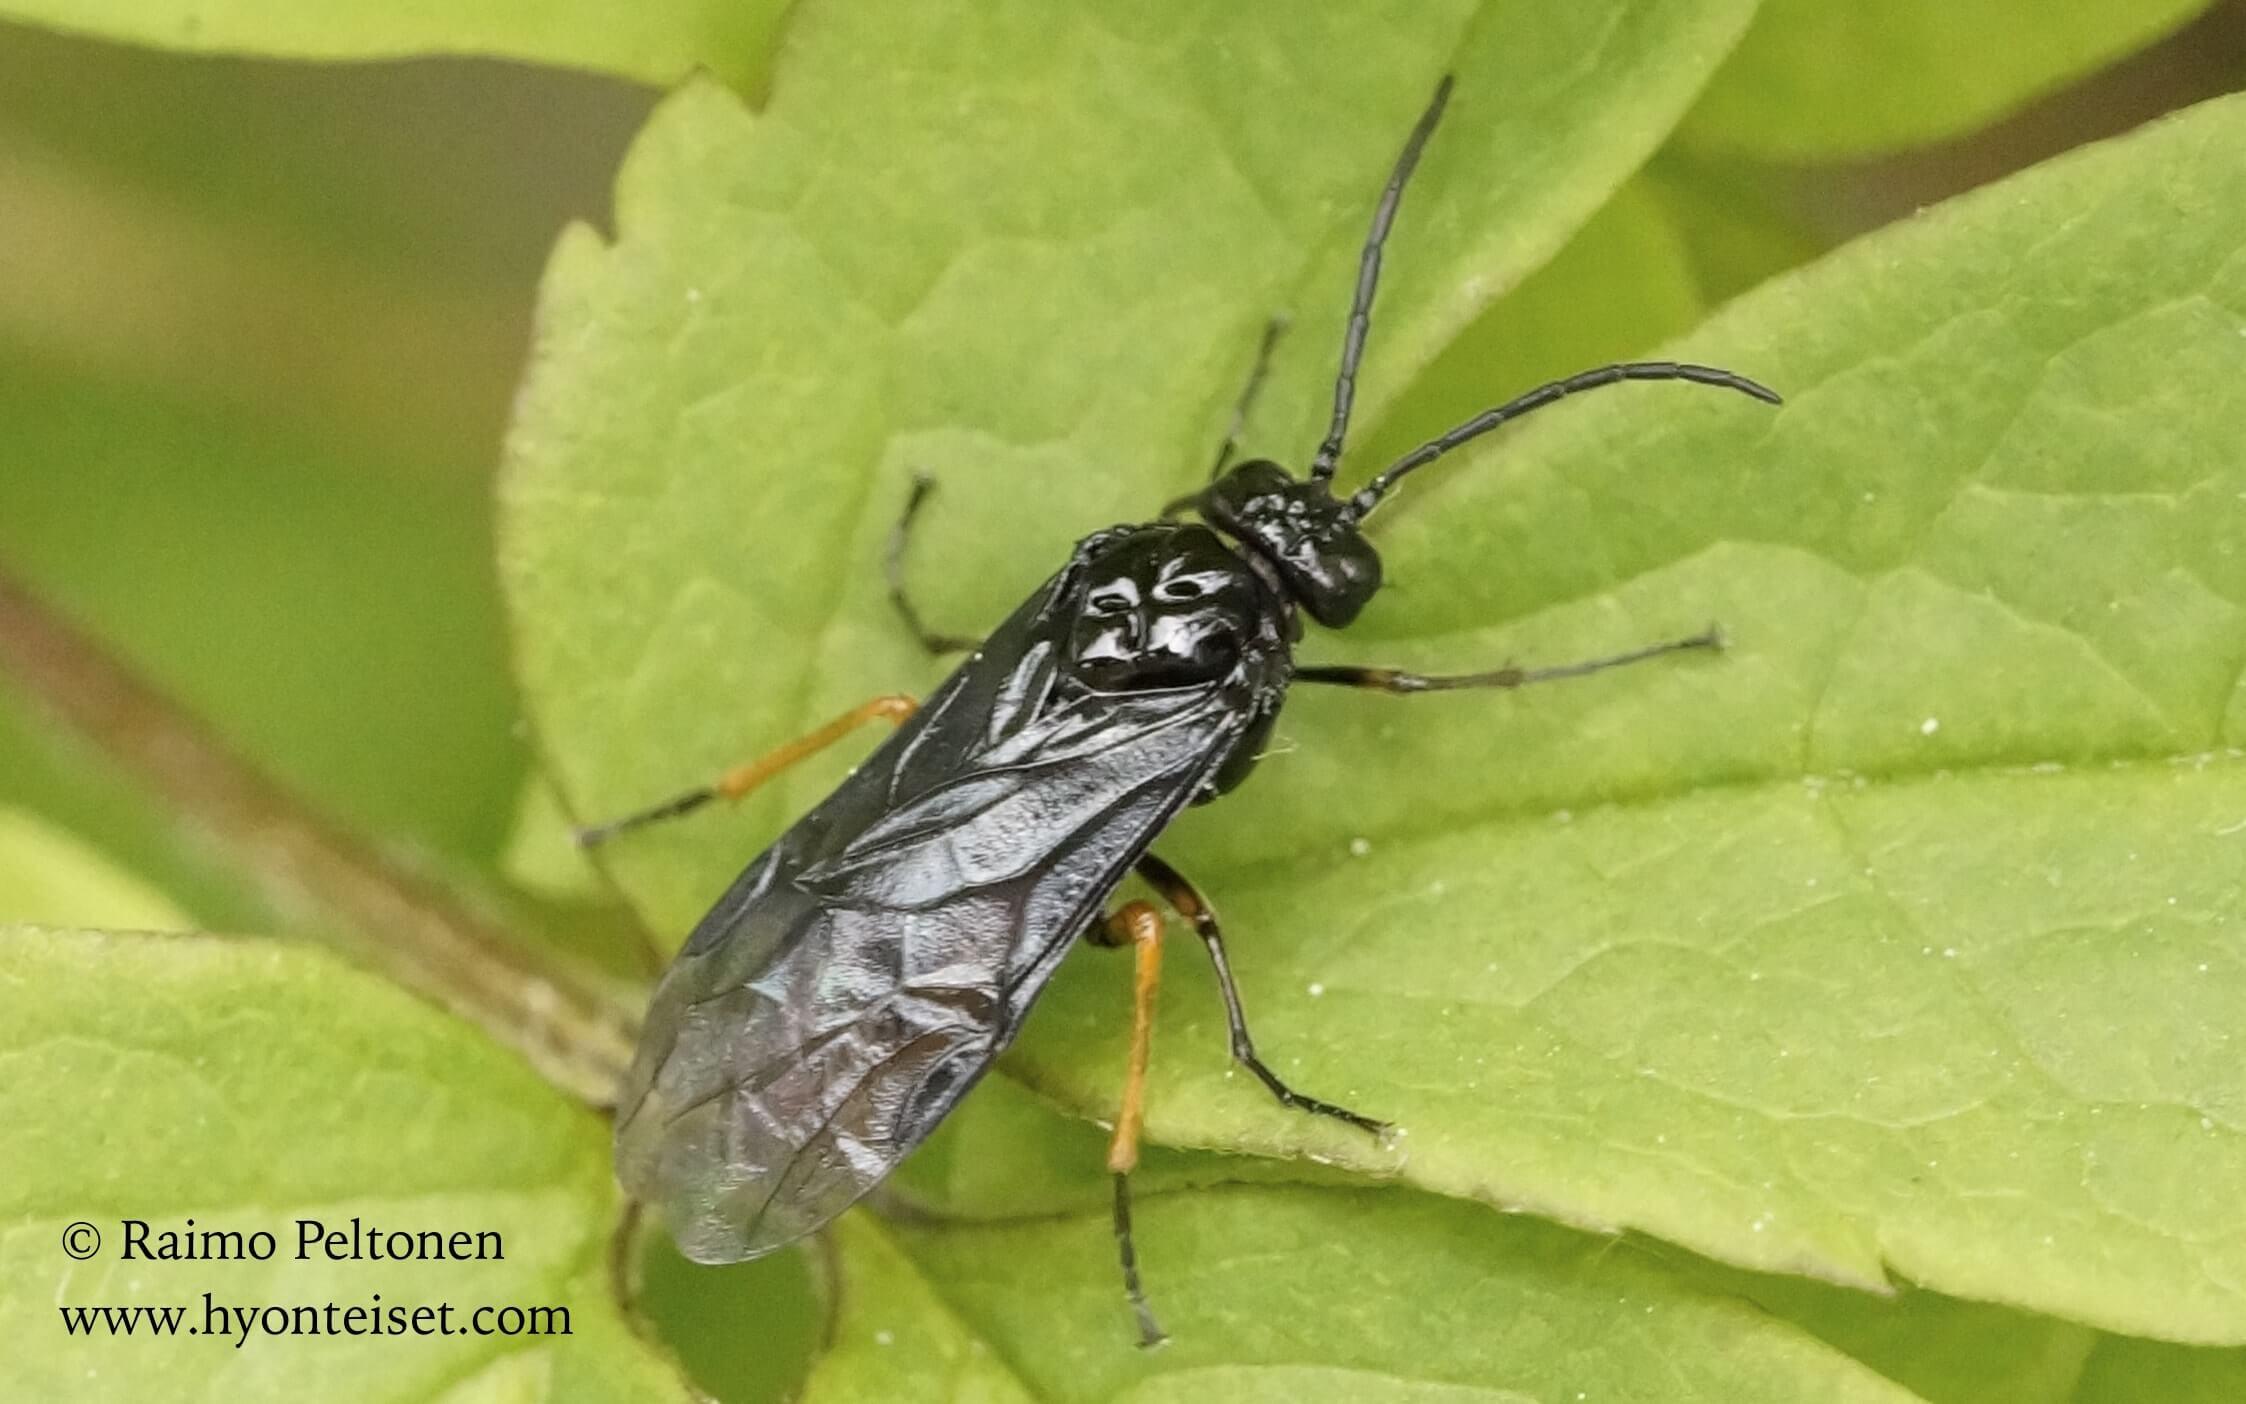 Eurhadinoceraea ventralis, naaras (det. Veli Vikberg)